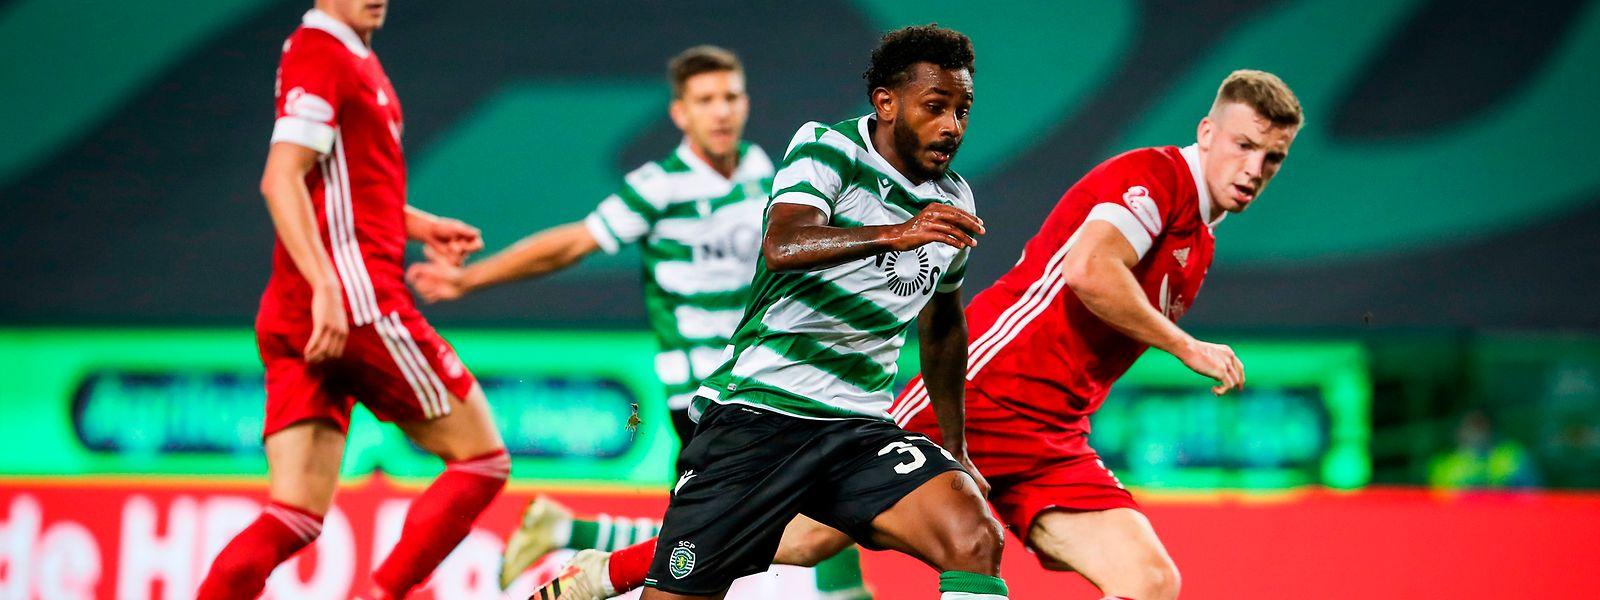 O Sporting começou a época de forma positiva, frente ao Aberdeen.